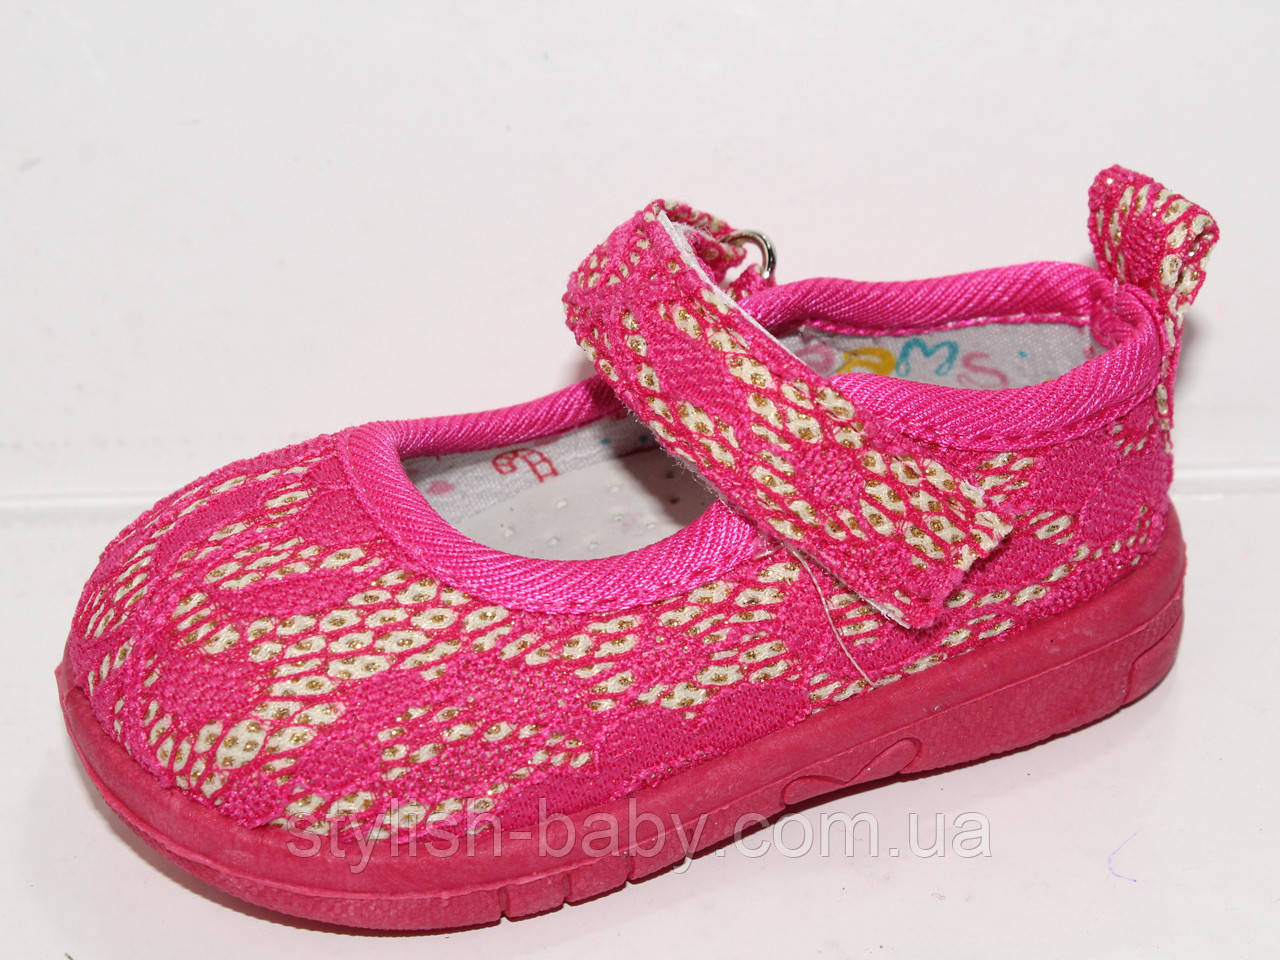 Детская спортивная обувь. Детские кеды бренда С.Луч для девочек (рр. с 16 по 21)